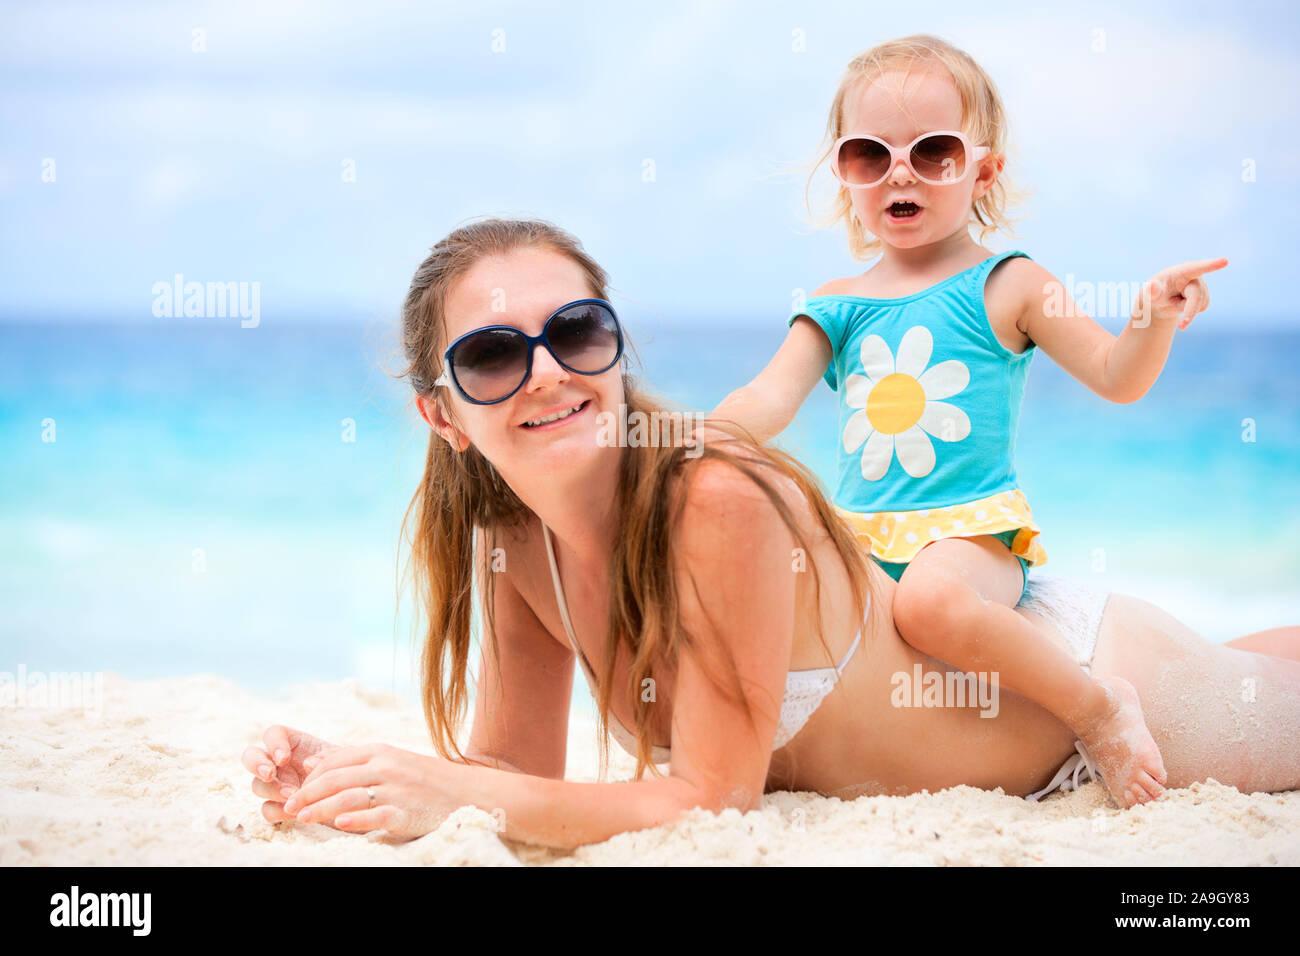 Malediven, Mutter und Tochter im Urlaub, Stock Photo